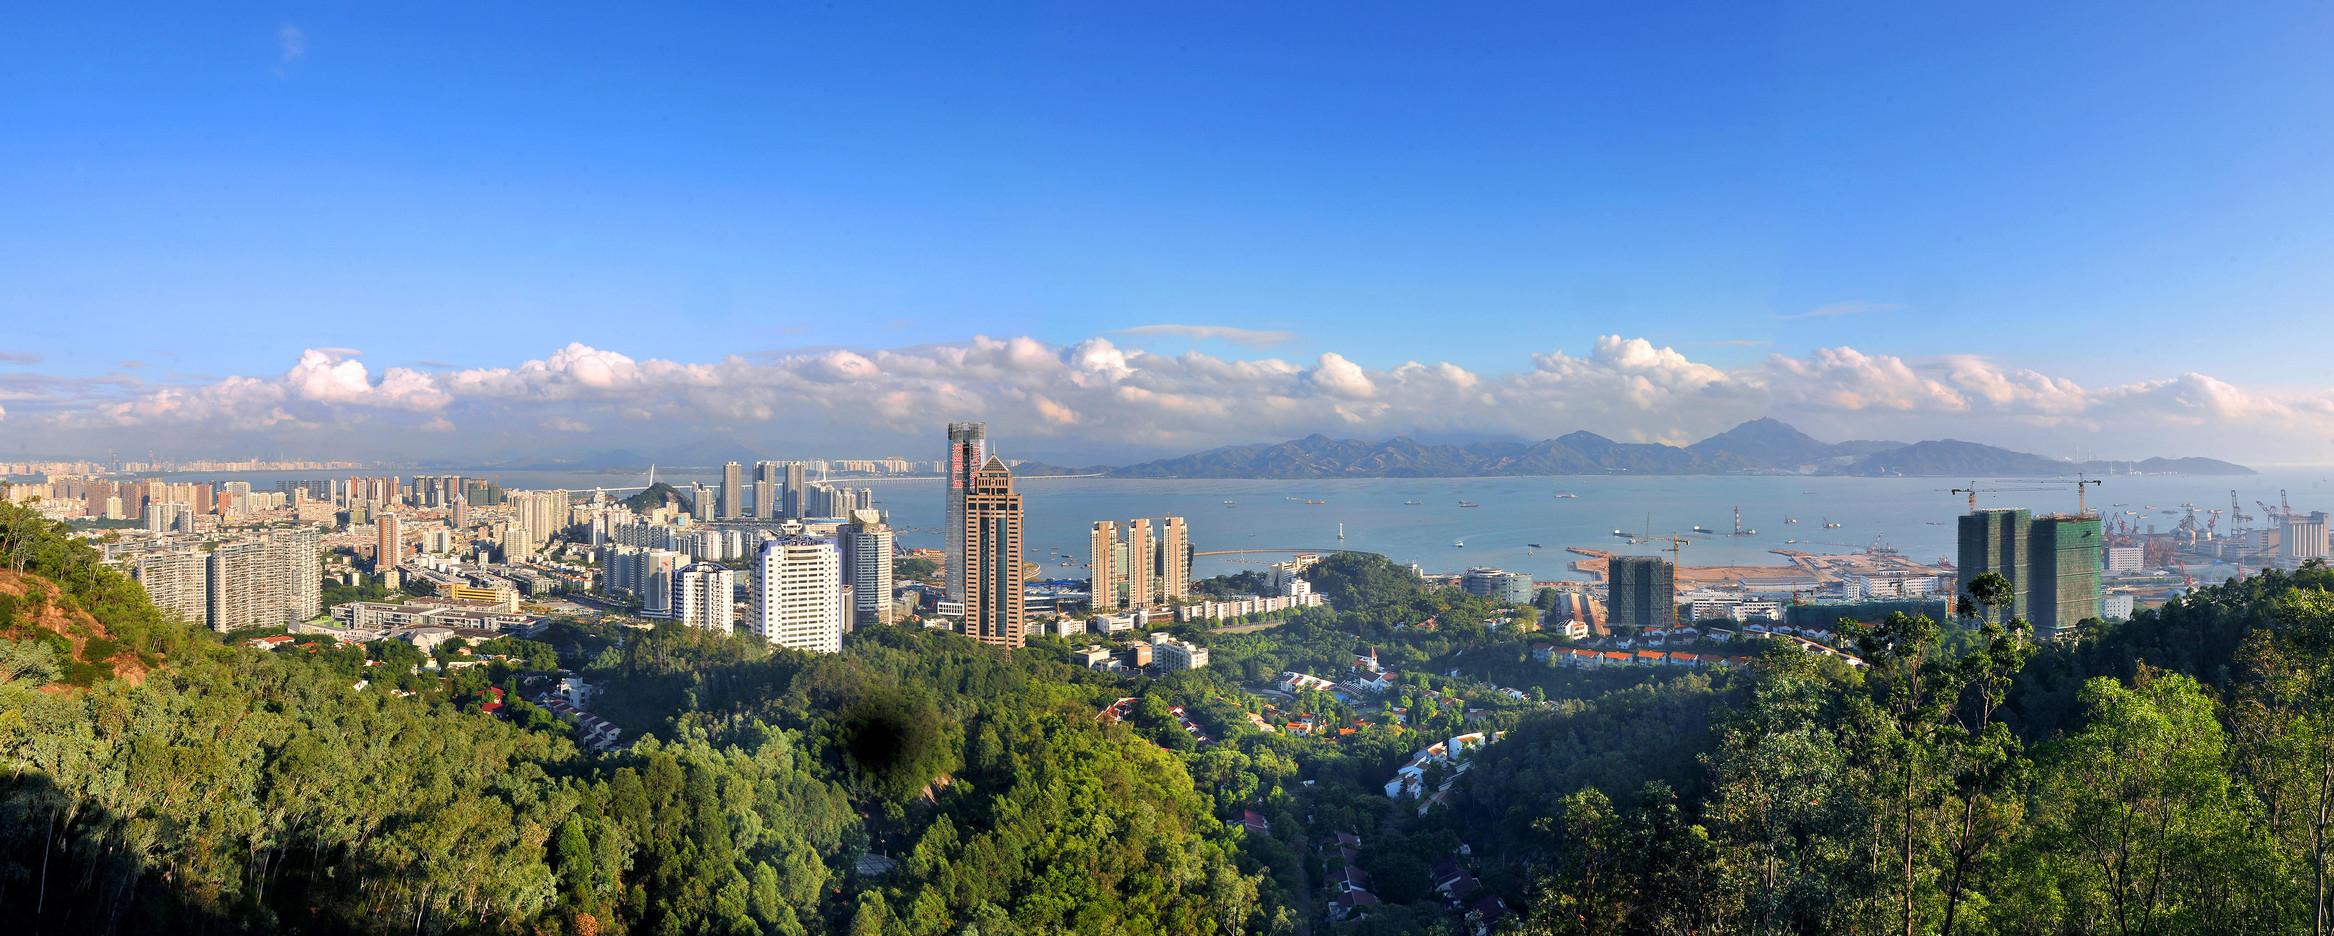 蛇口全景图(版权所有:设计互联)Panaroma View of Shekou@Design Society